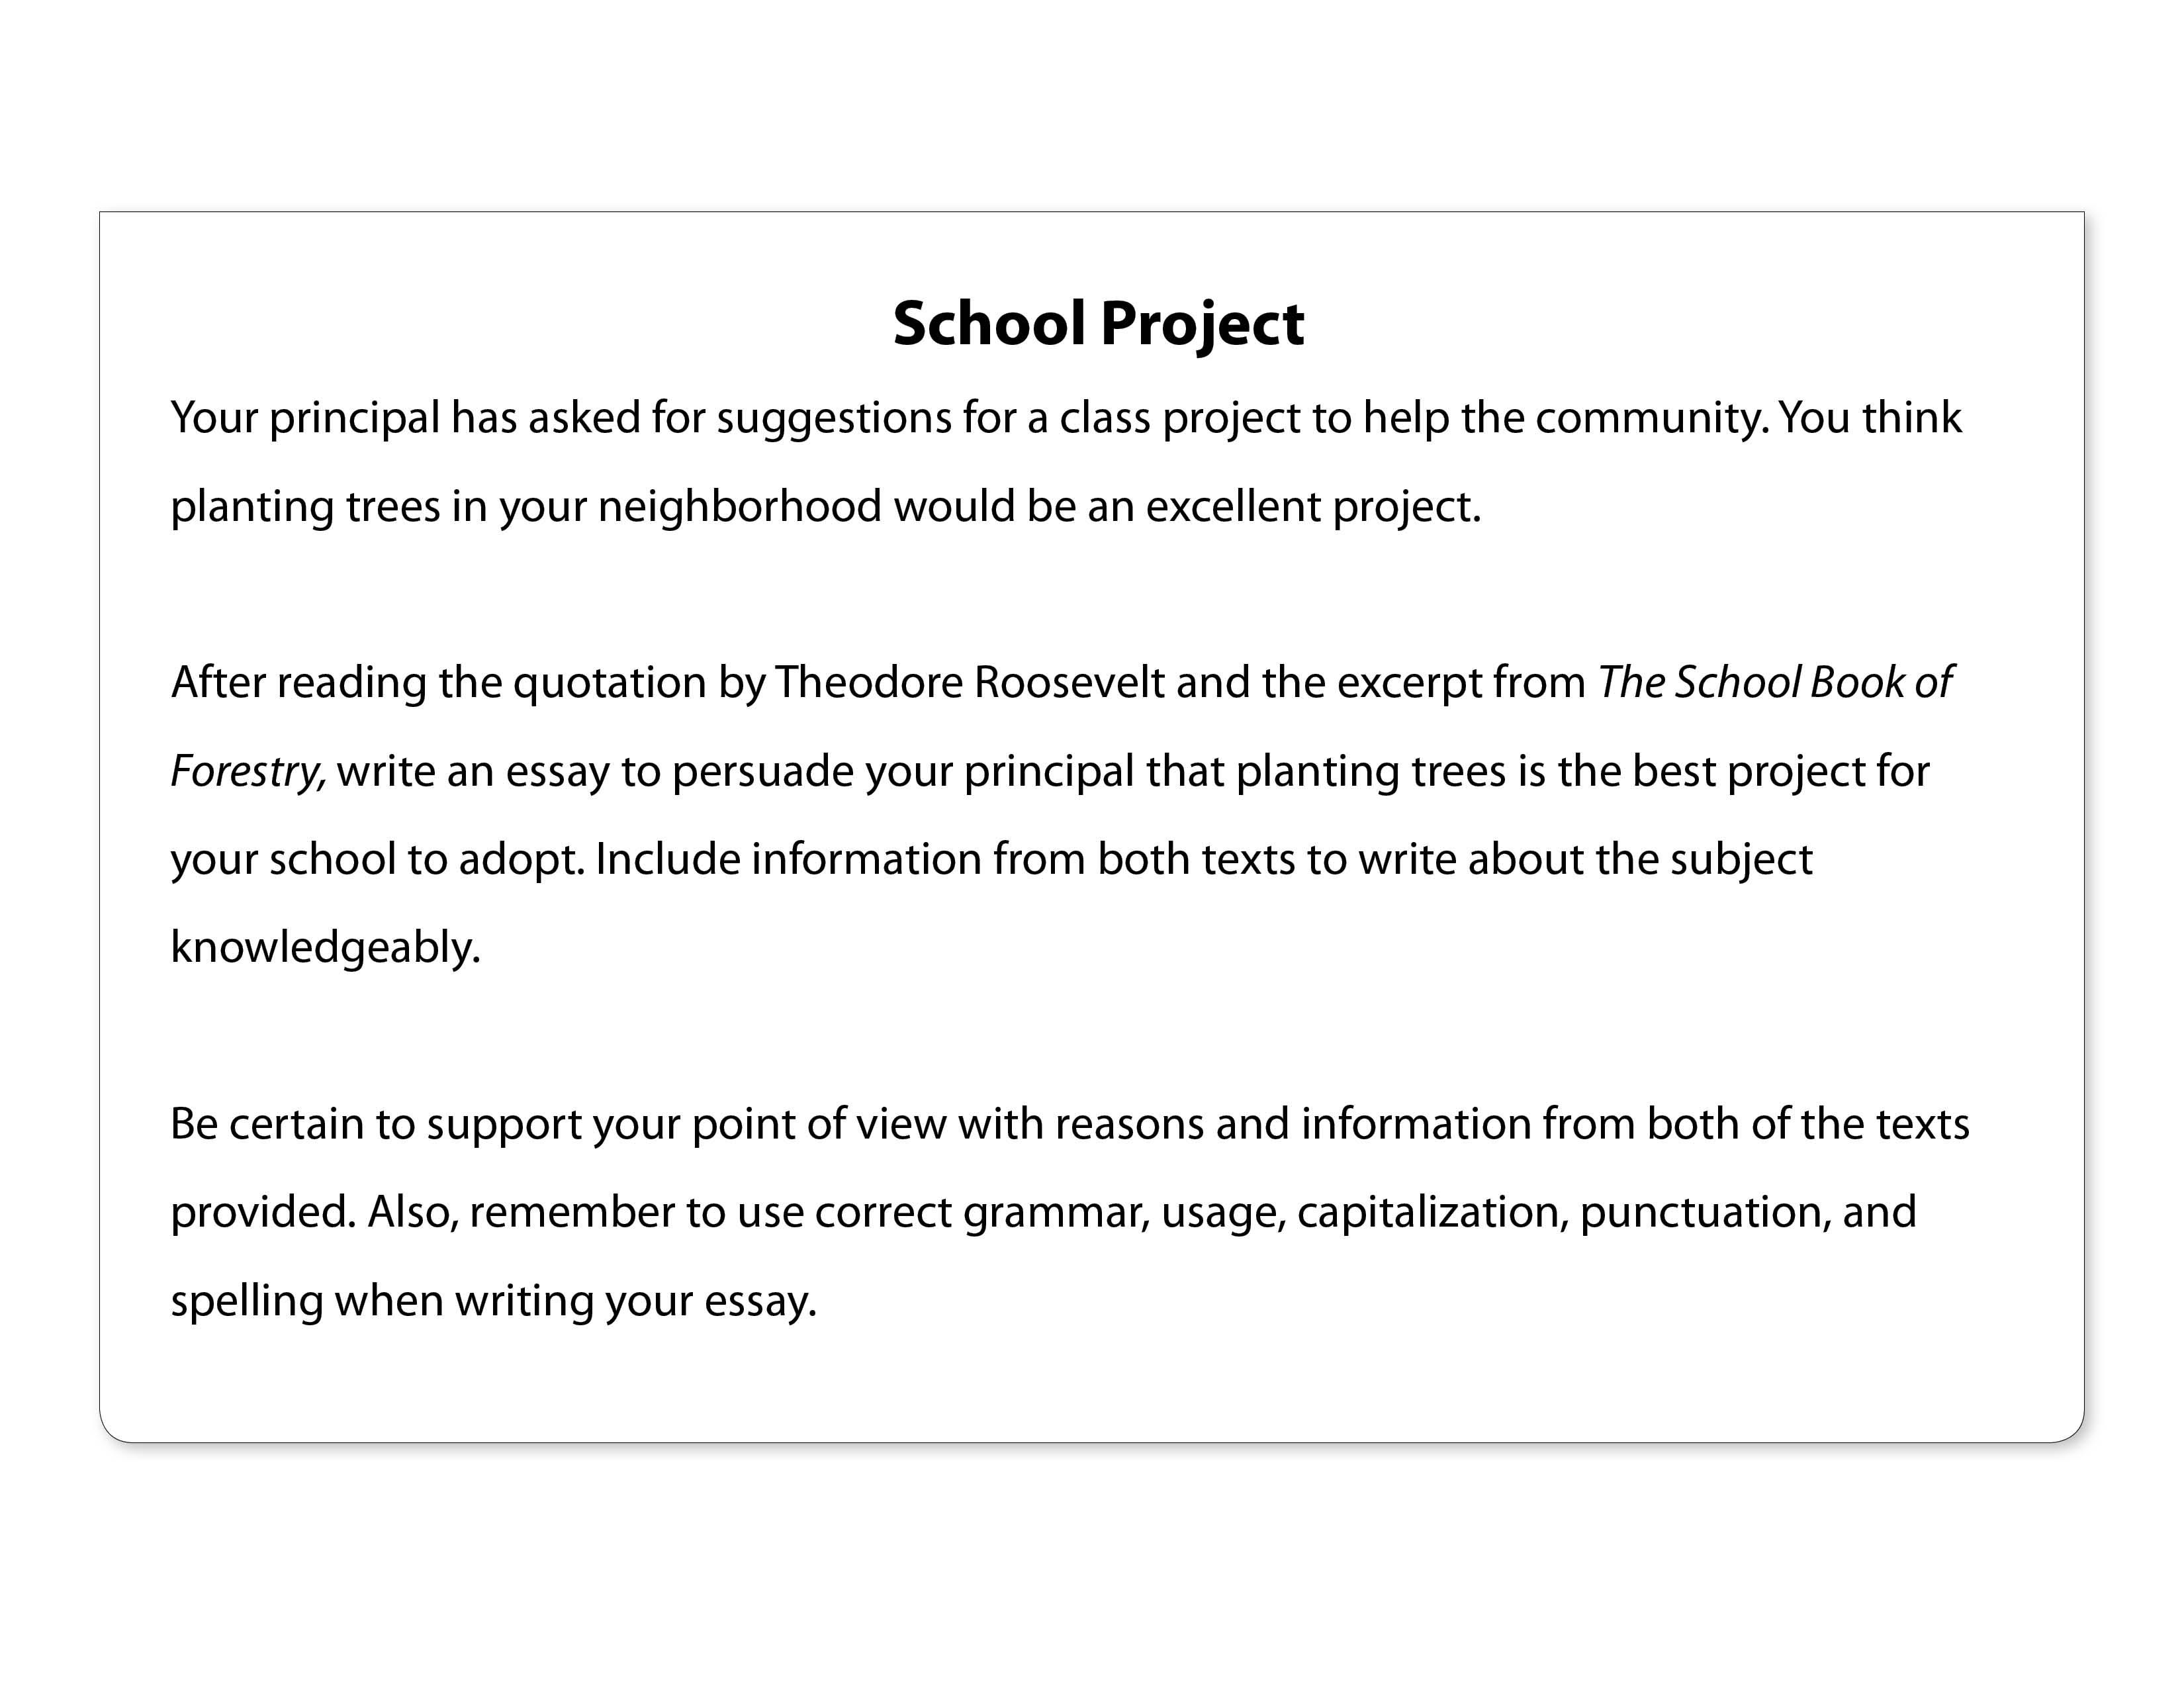 014 Prompt Definition Essay Faq  School Project Original Jpeg FascinatingFull